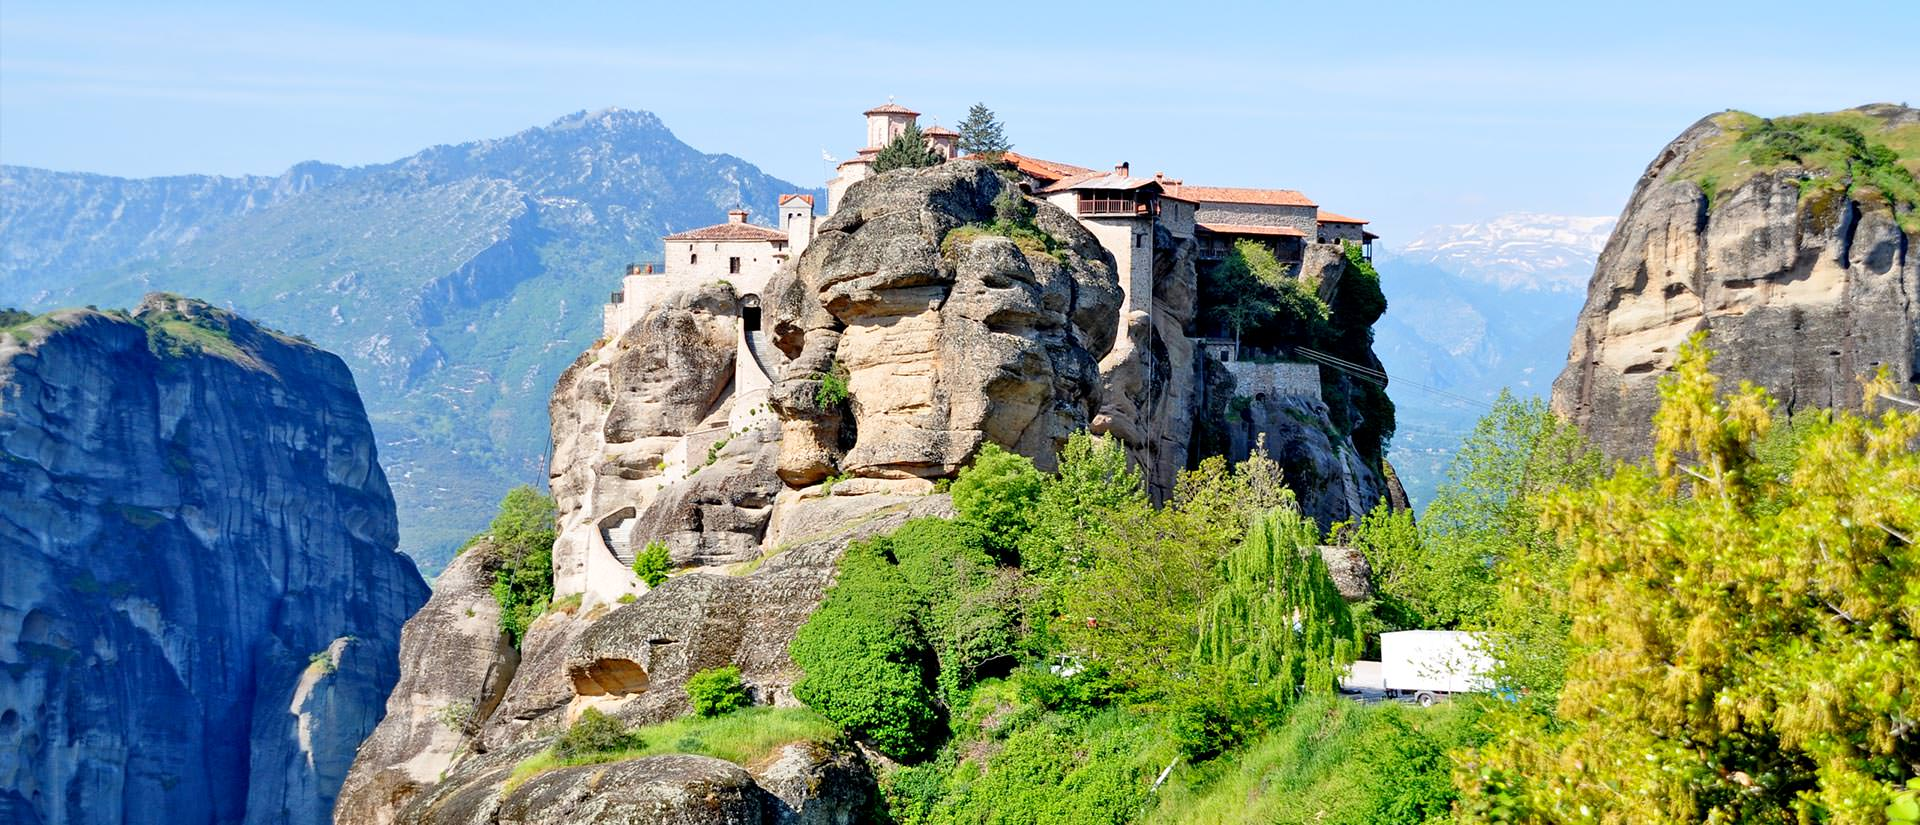 מנזרי מטאורה - טיולים מיוחדים לאירופה